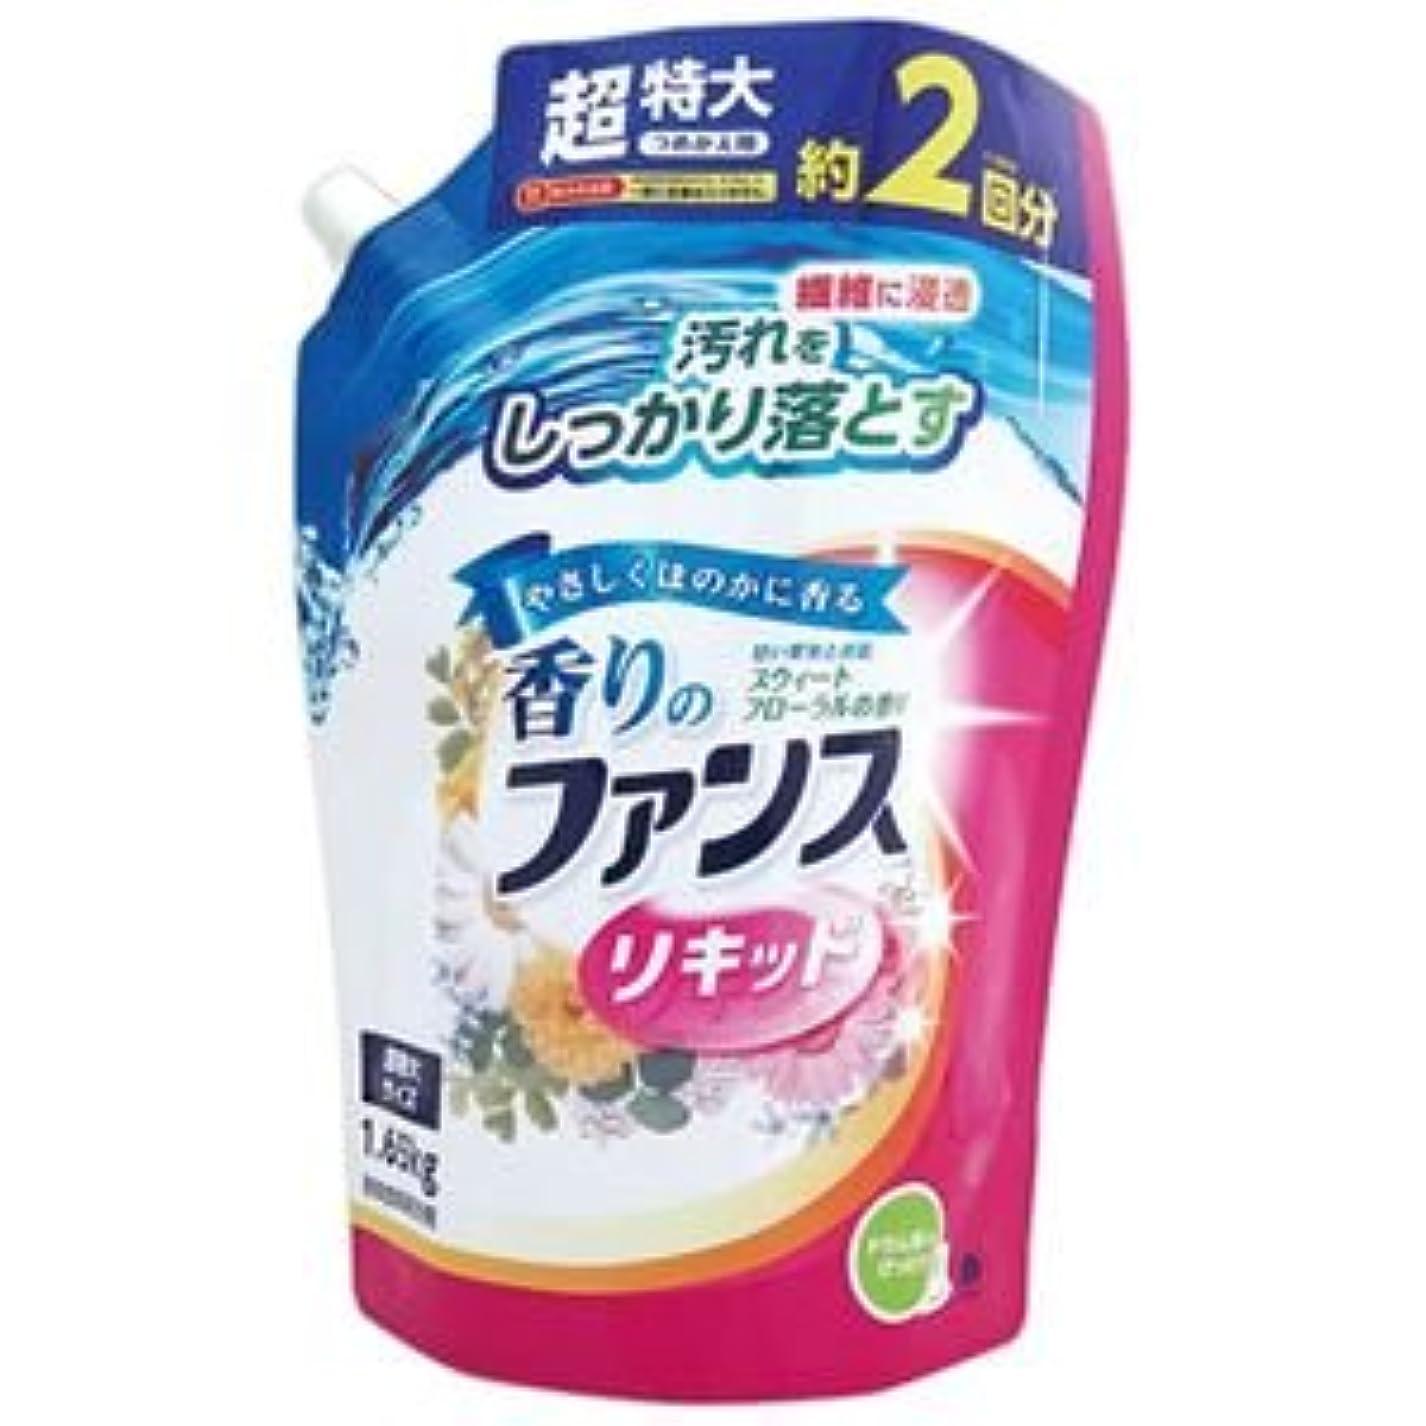 累計やさしいソース(まとめ) 第一石鹸 香りのファンス 液体衣料用洗剤リキッド 詰替用 1.65kg 1セット(6個) 【×2セット】